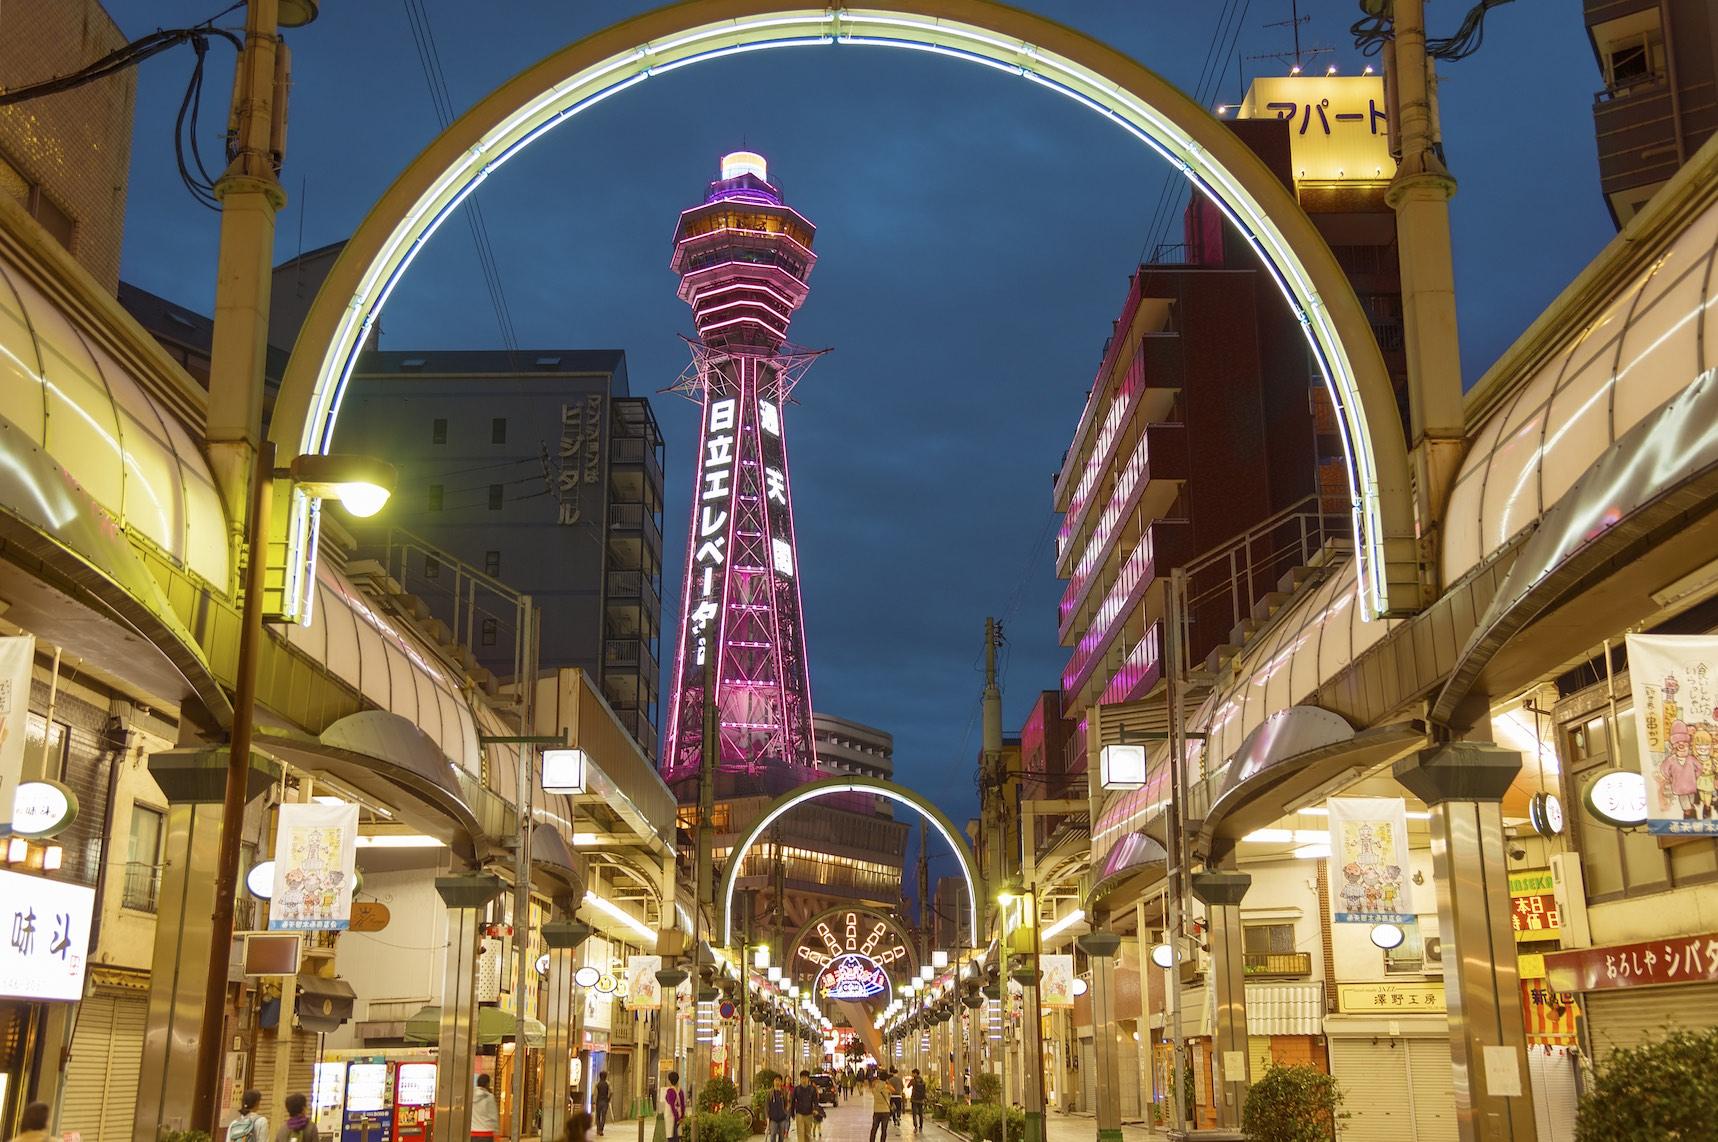 Osaka Japan- April 13, 2016: Tsutenkaku is a tower and well-known landmark of Osaka Japan and advertises Hitachi. It is located in the Shinsekai district of Naniwa-ku Osaka.